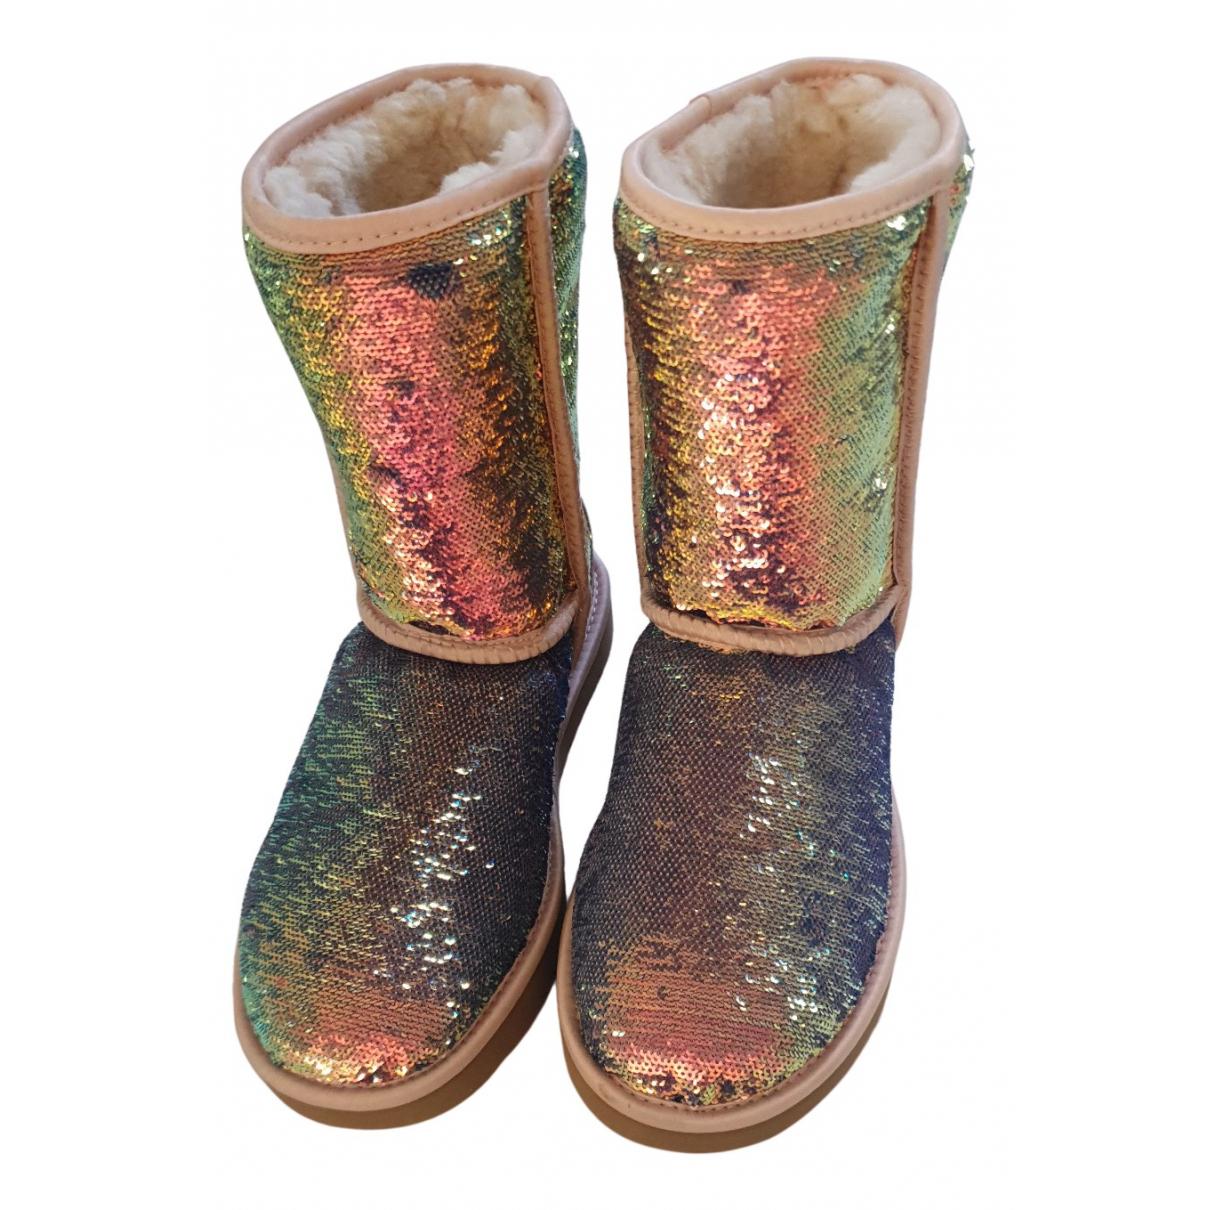 Ugg - Bottes   pour femme en a paillettes - multicolore